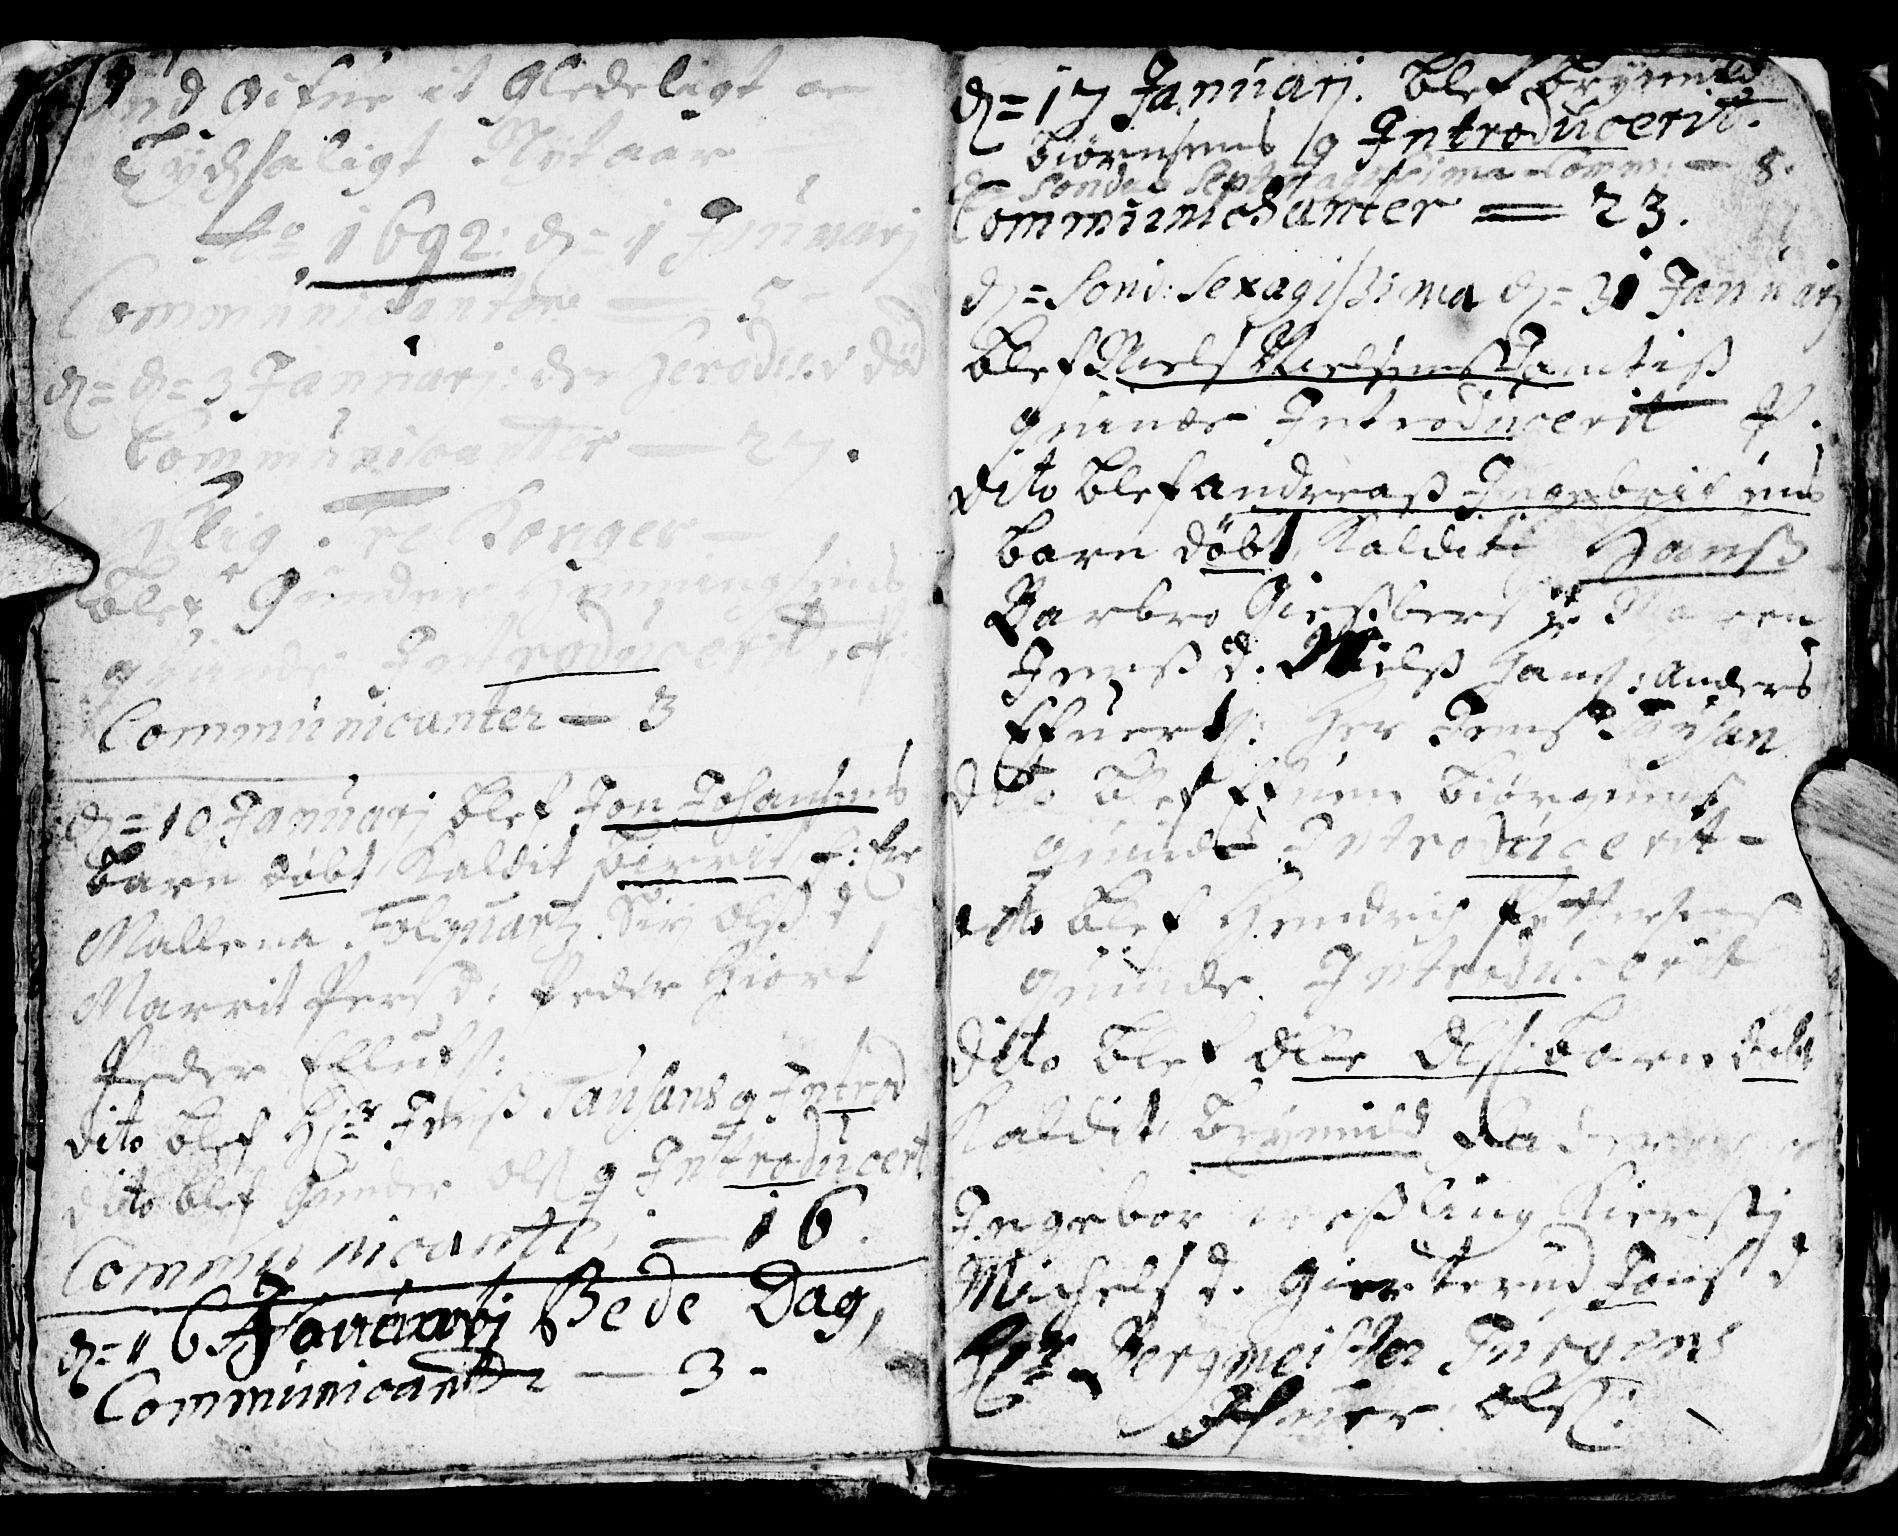 SAT, Ministerialprotokoller, klokkerbøker og fødselsregistre - Sør-Trøndelag, 681/L0923: Ministerialbok nr. 681A01, 1691-1700, s. 17